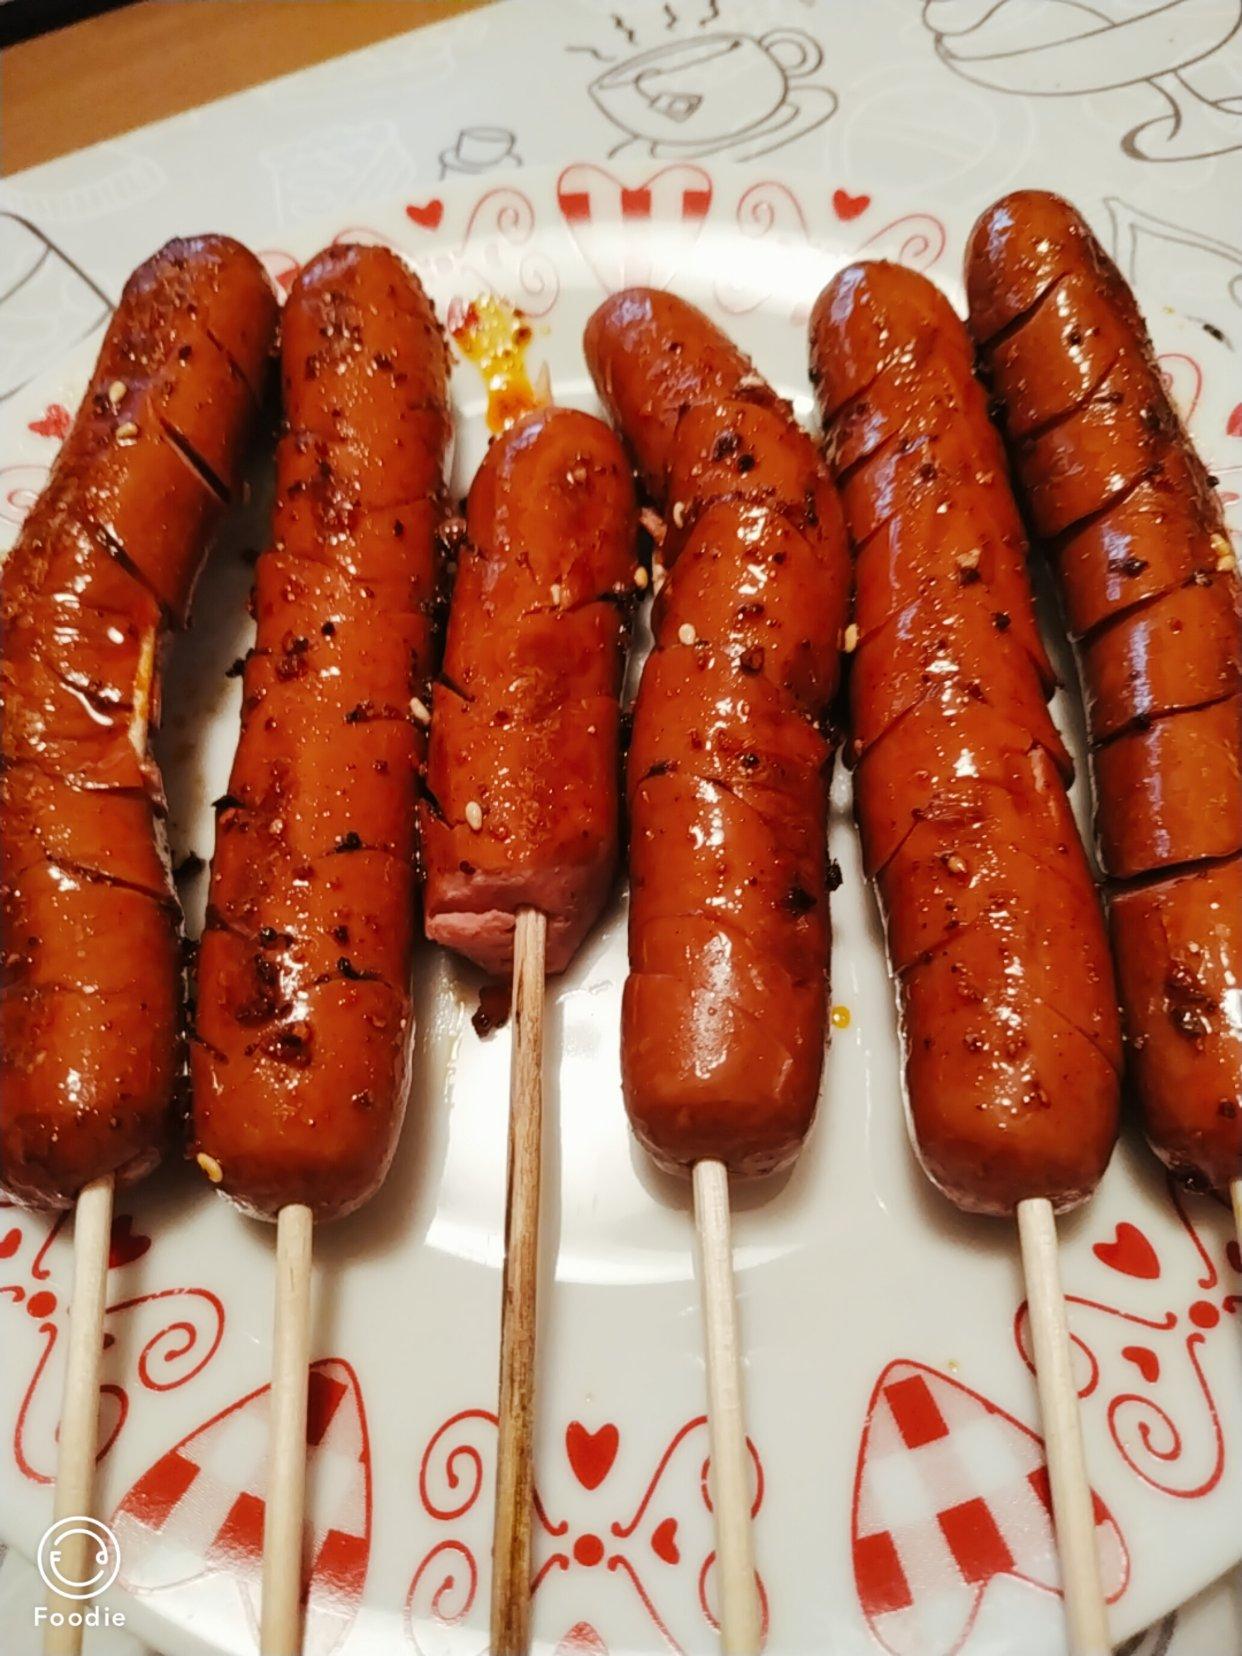 解锁了路边摊的烤火腿肠,国内火腿肠的替代品终于出现了